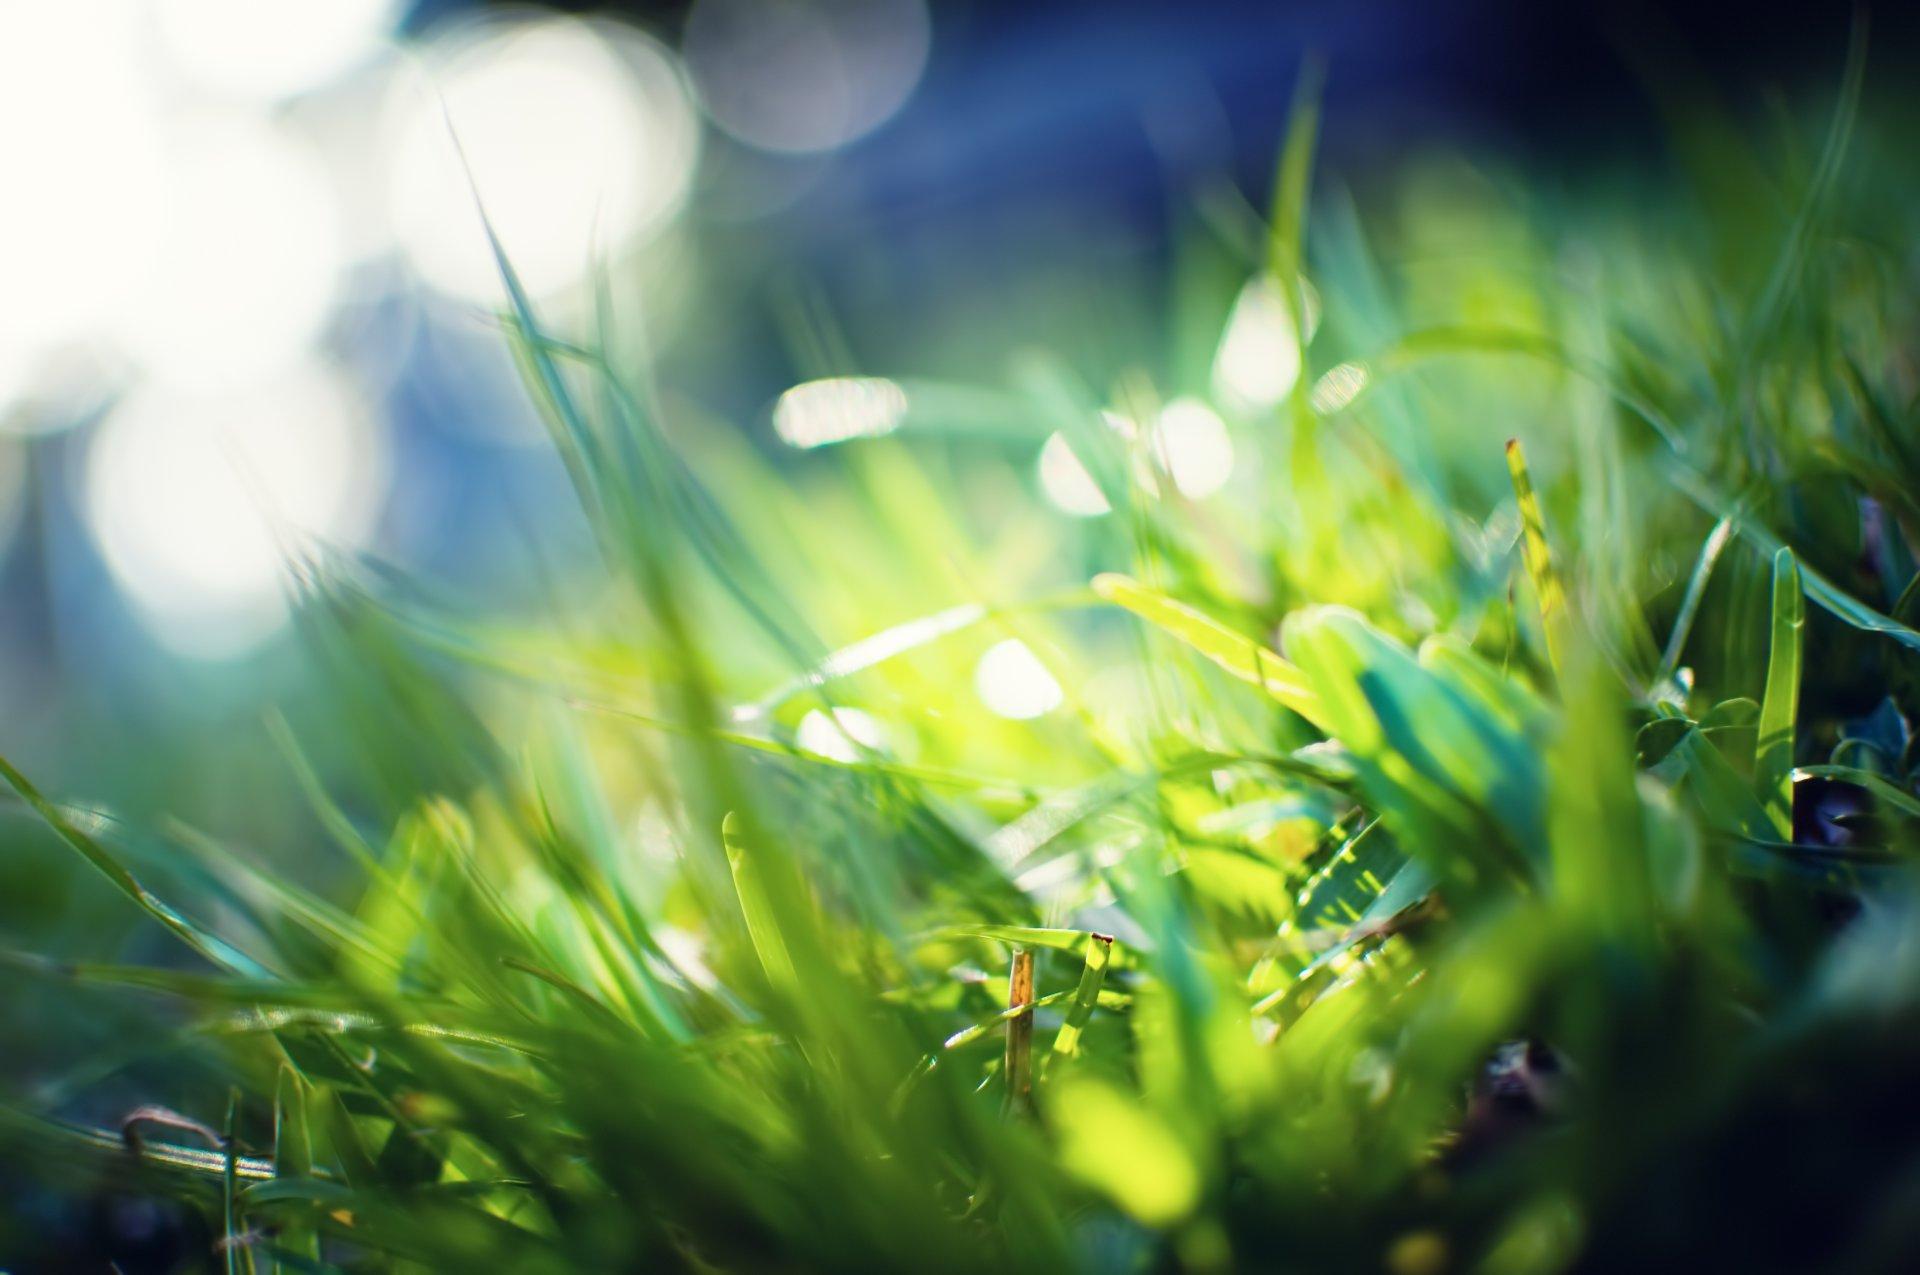 кети лучи солнца на траве картинки рождения начальника